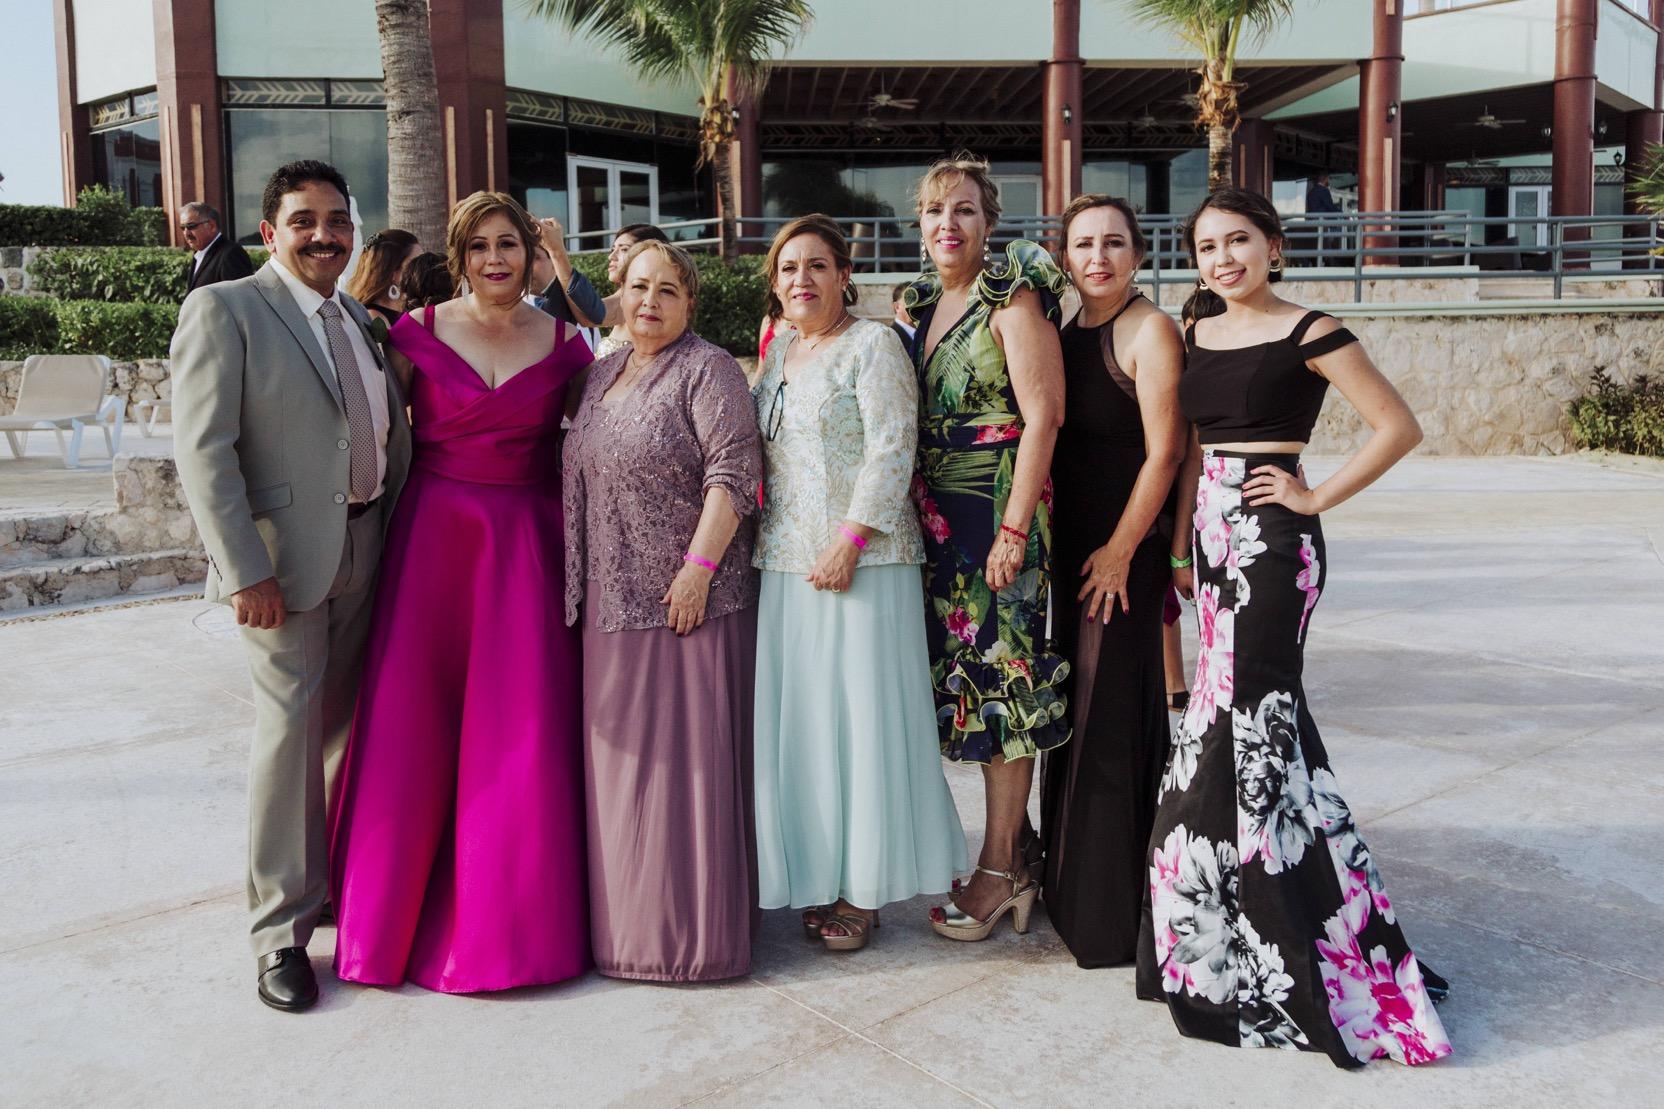 fotografo_bodas_profesional_zacatecas_riviera_maya_cancun-256